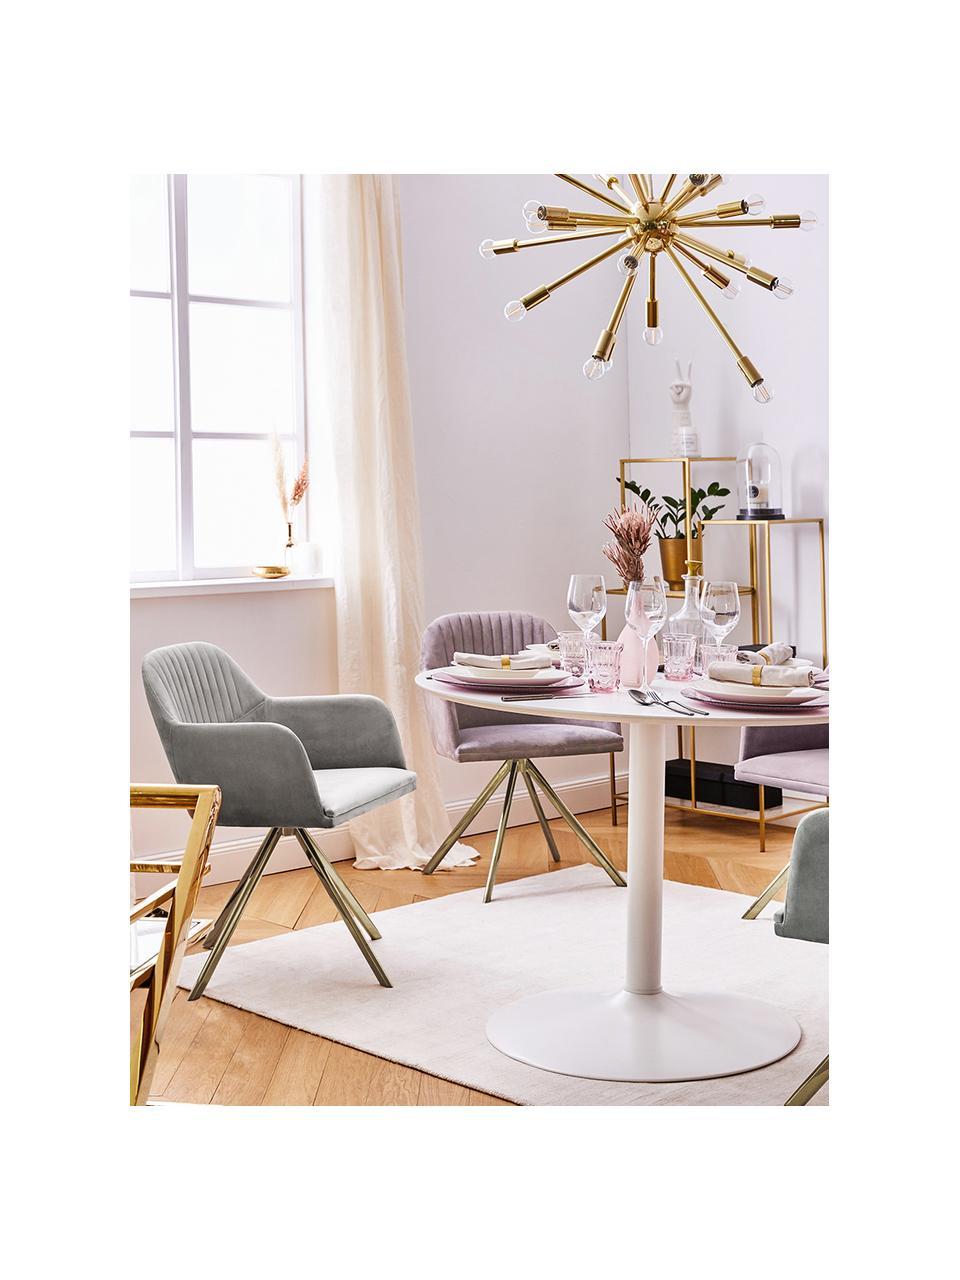 Fluwelen draaistoel Lola met armleuning, Bekleding: fluweel polyester, Poten: gegalvaniseerd metaal, Fluweel steengrijs, poten goudkleurig, B 55 x D 52 cm